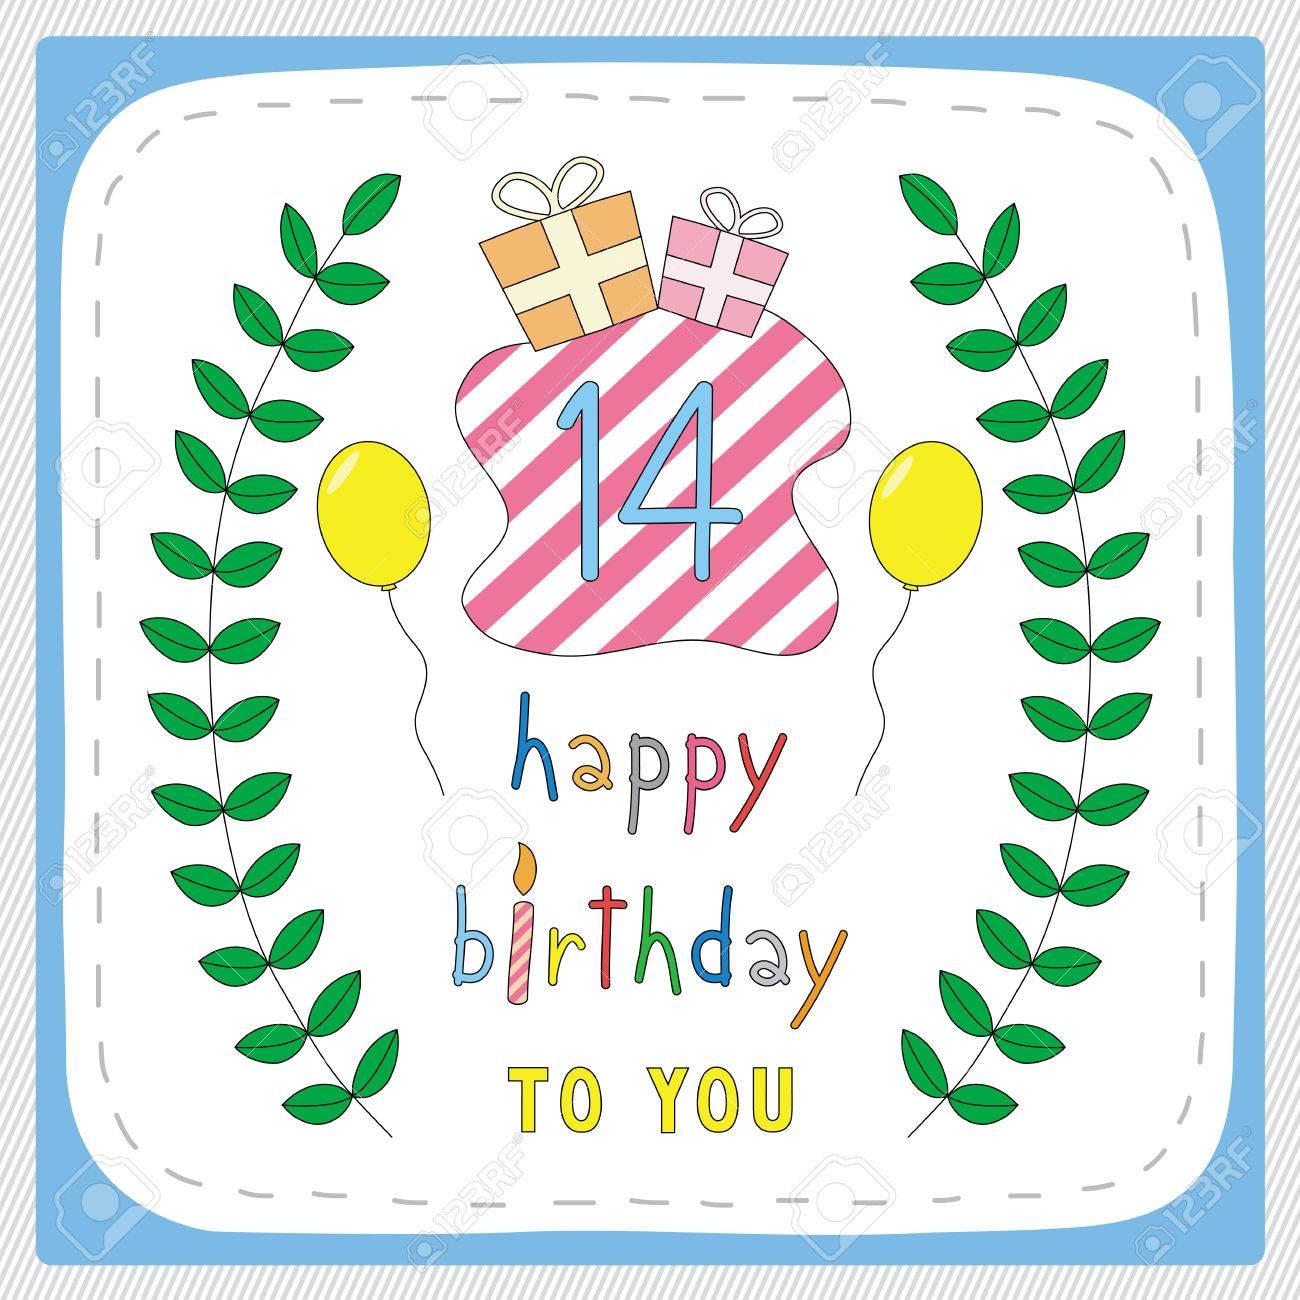 Happy Birthday Alles Gute Zum 14 Geburtstag Youtube